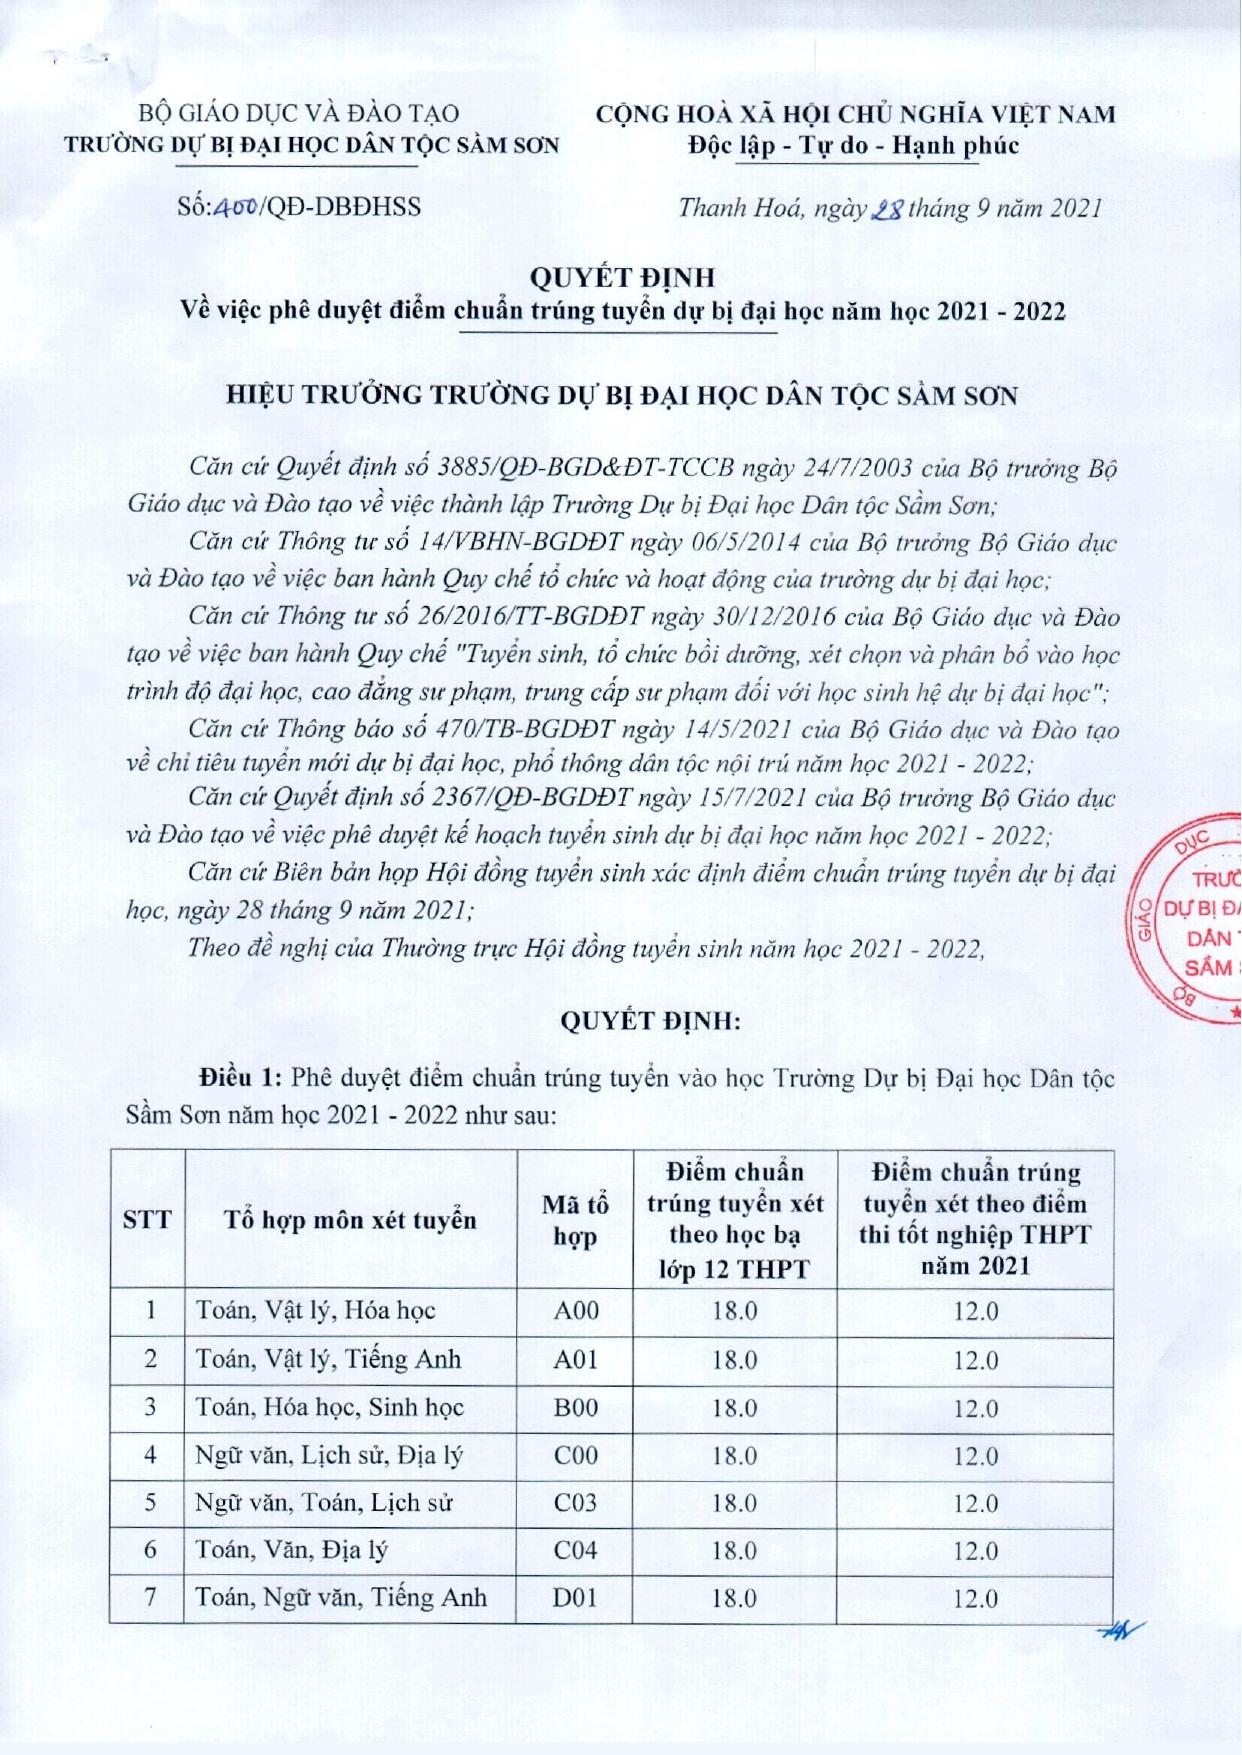 Quyết định phê duyệt điểm chuẩn trúng tuyển DB ĐH năm học 2021 - 2022_0001_page-0001